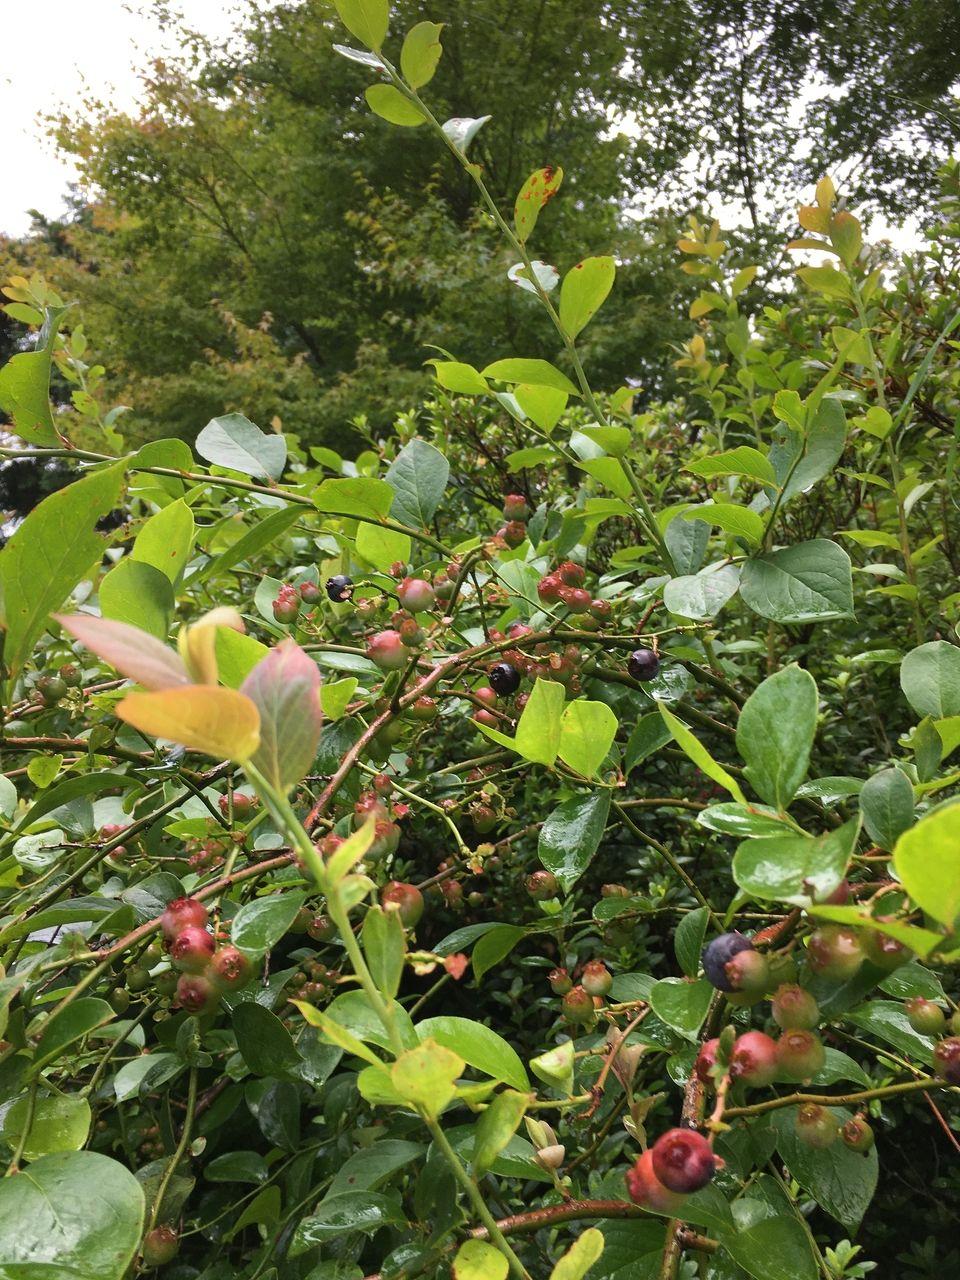 熊本県阿蘇郡南阿蘇村今年もブルーベリーの実が少しずつ熟れてきました。